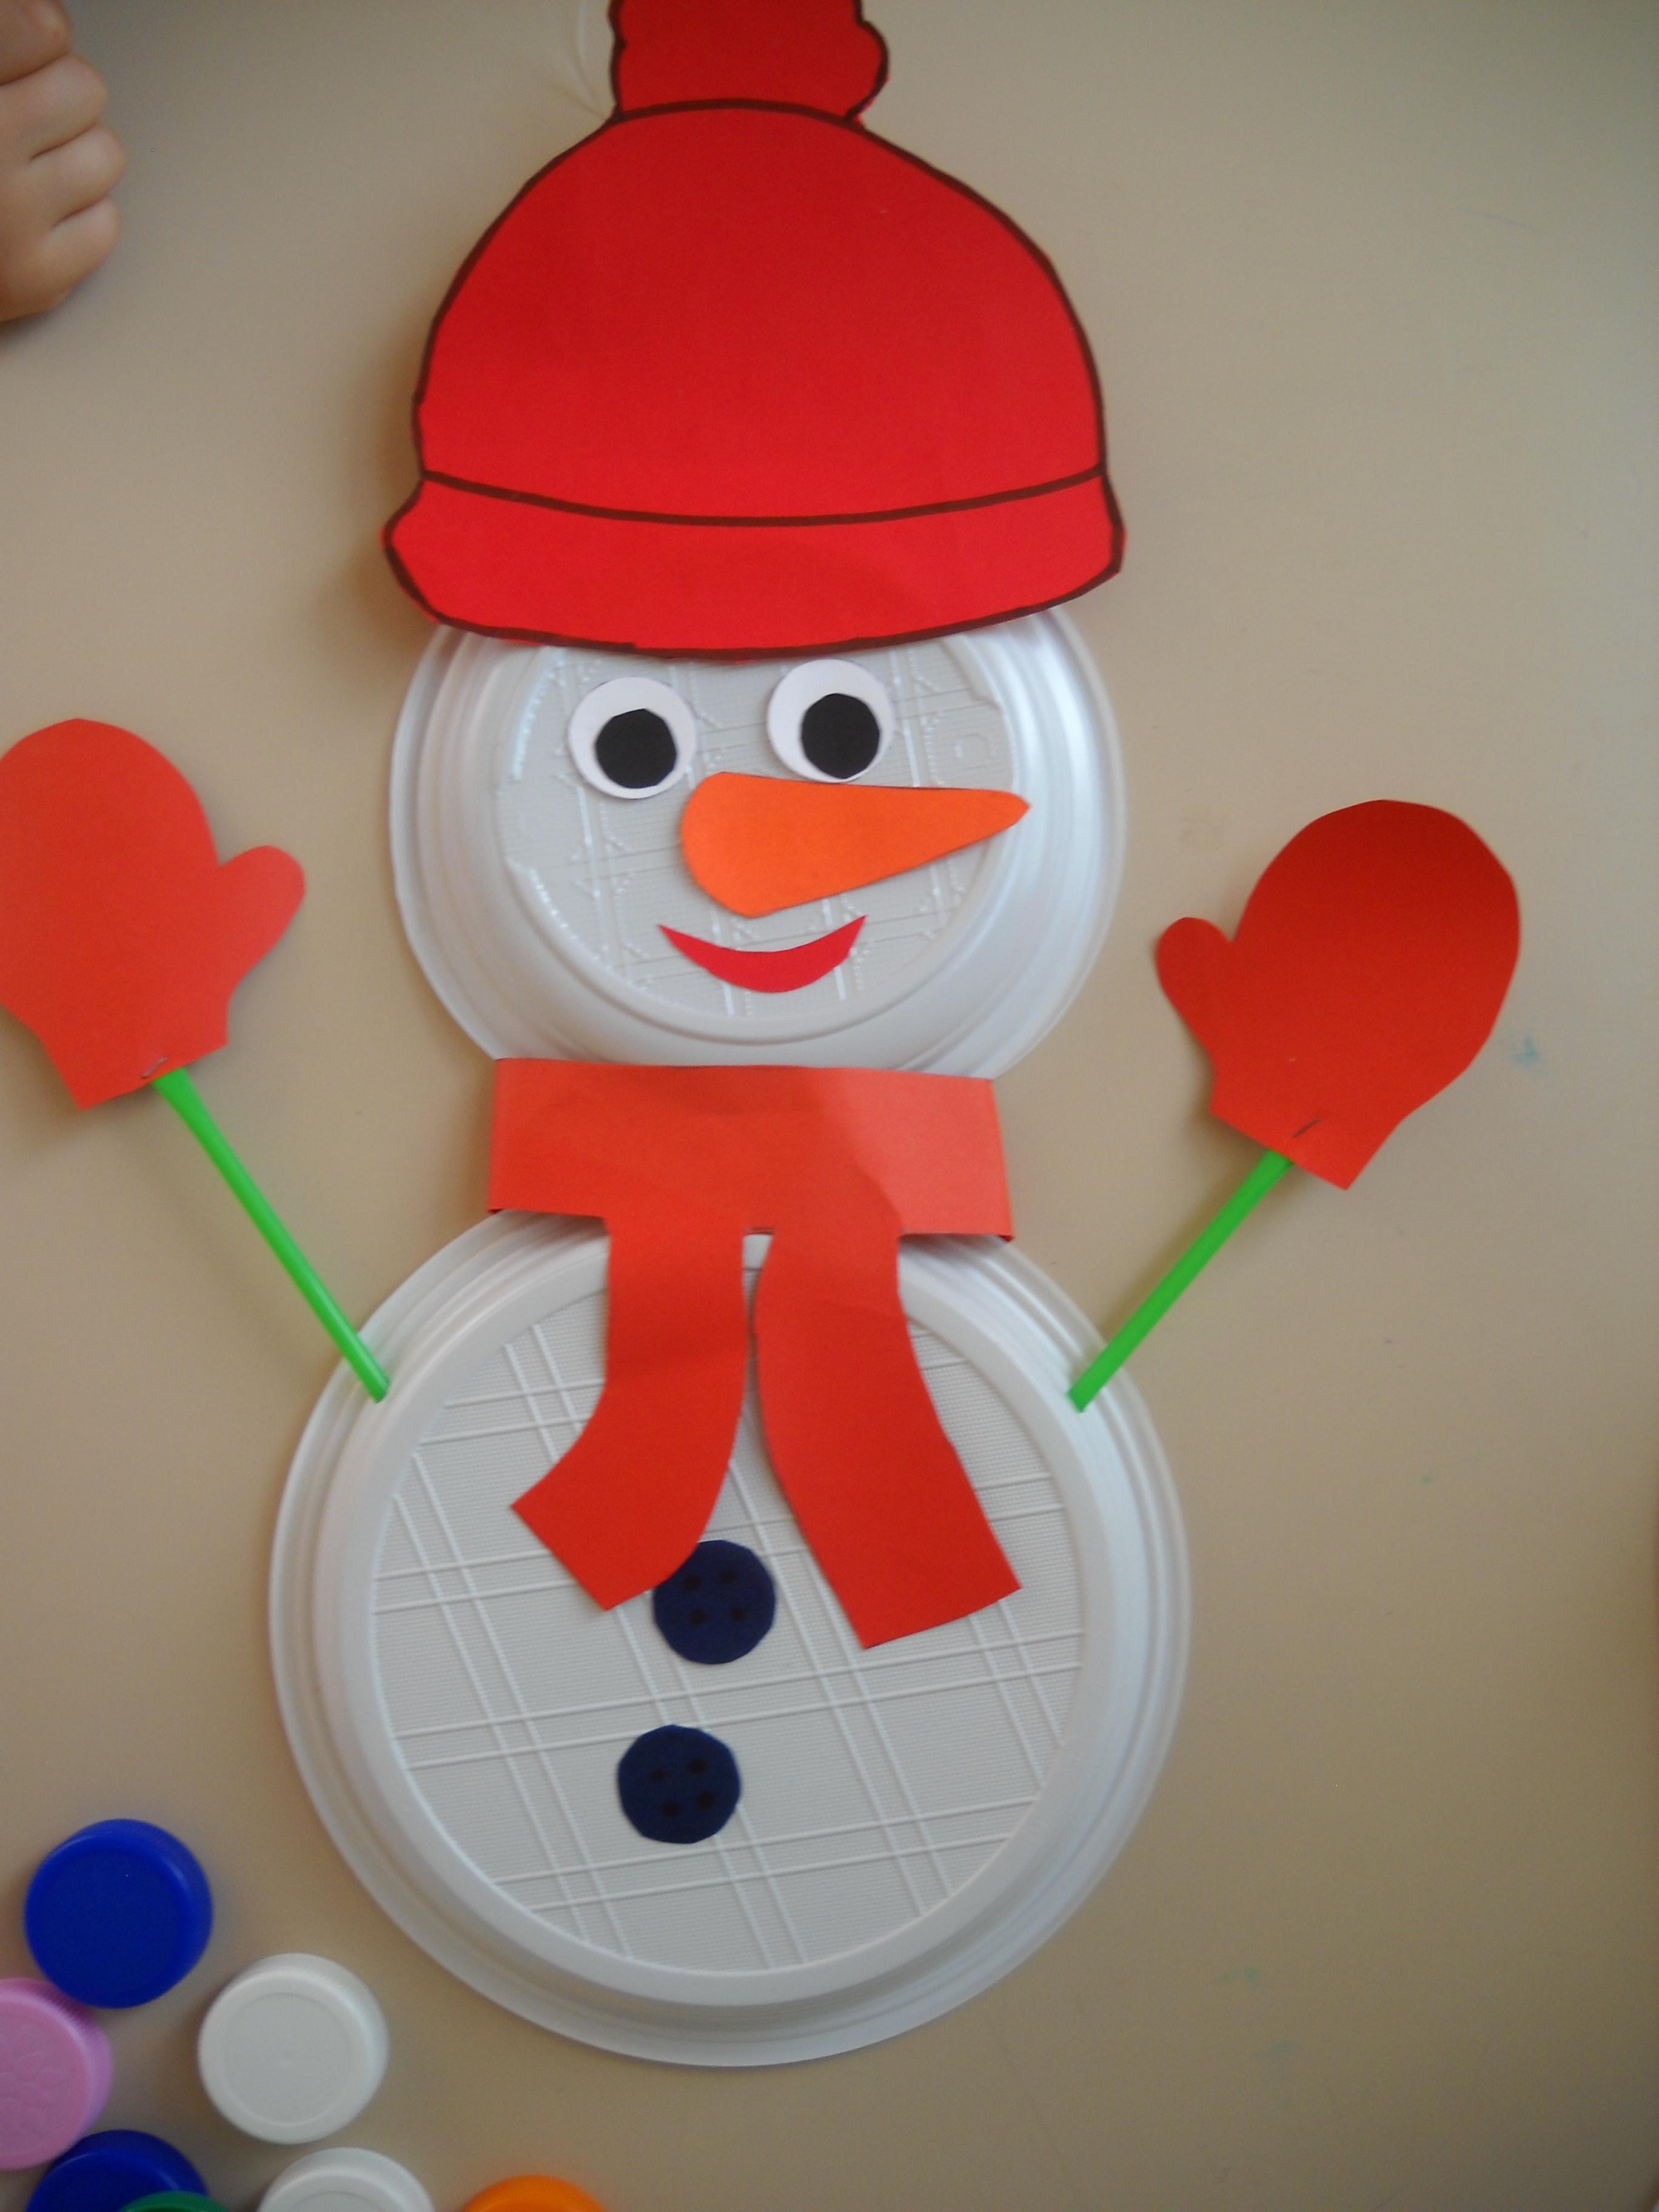 Addobbi invernali per aule pupazzi di neve maestramaria for Addobbi di natale per bambini scuola infanzia